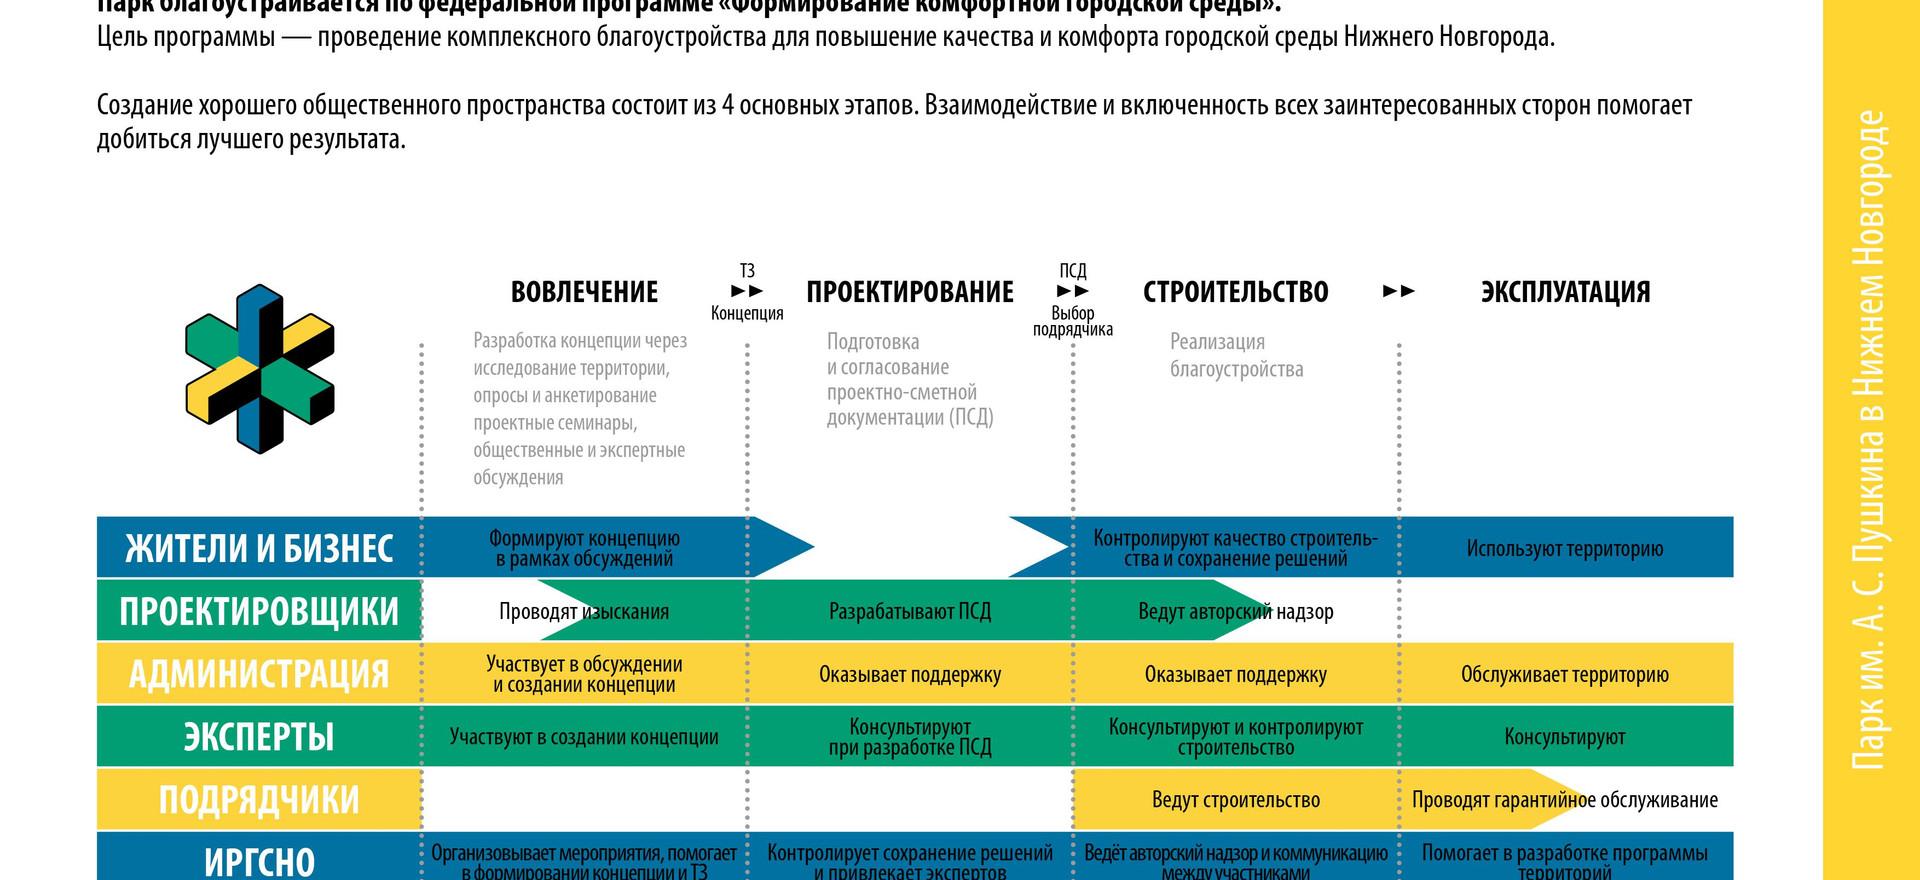 Концепция парка Пушкина